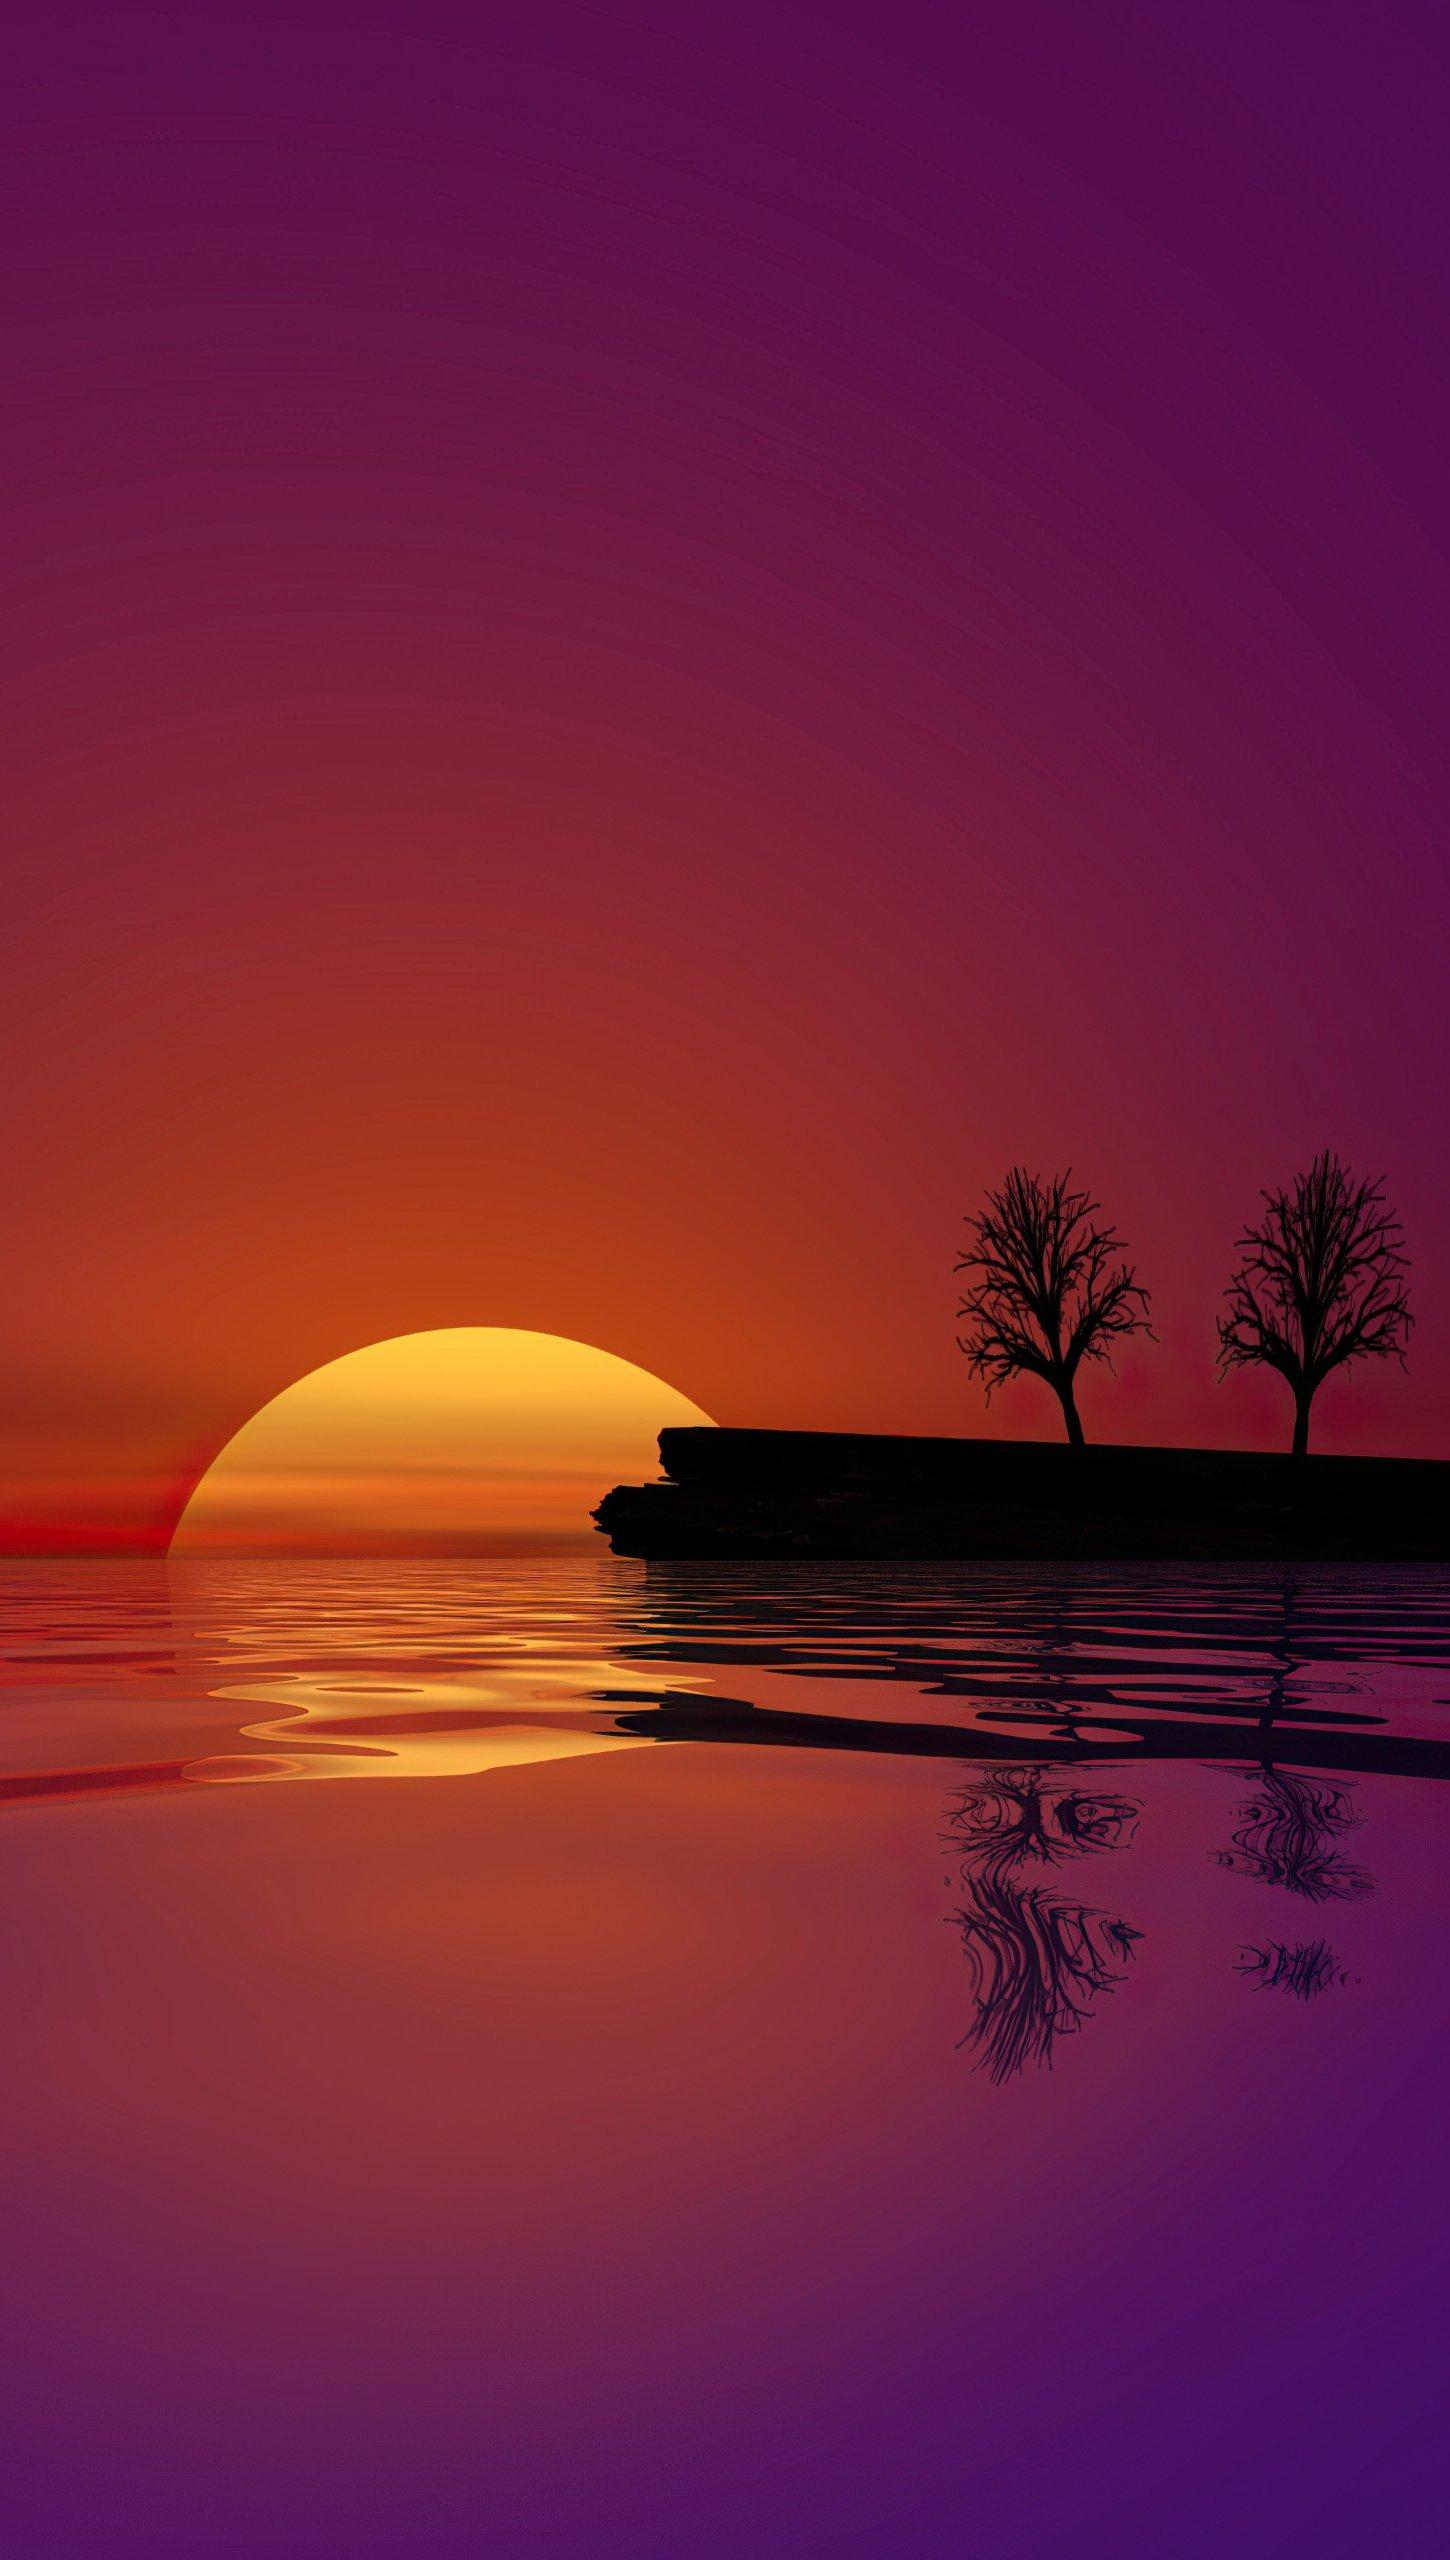 Fondos de pantalla El sol escondiendose en el agua Vertical